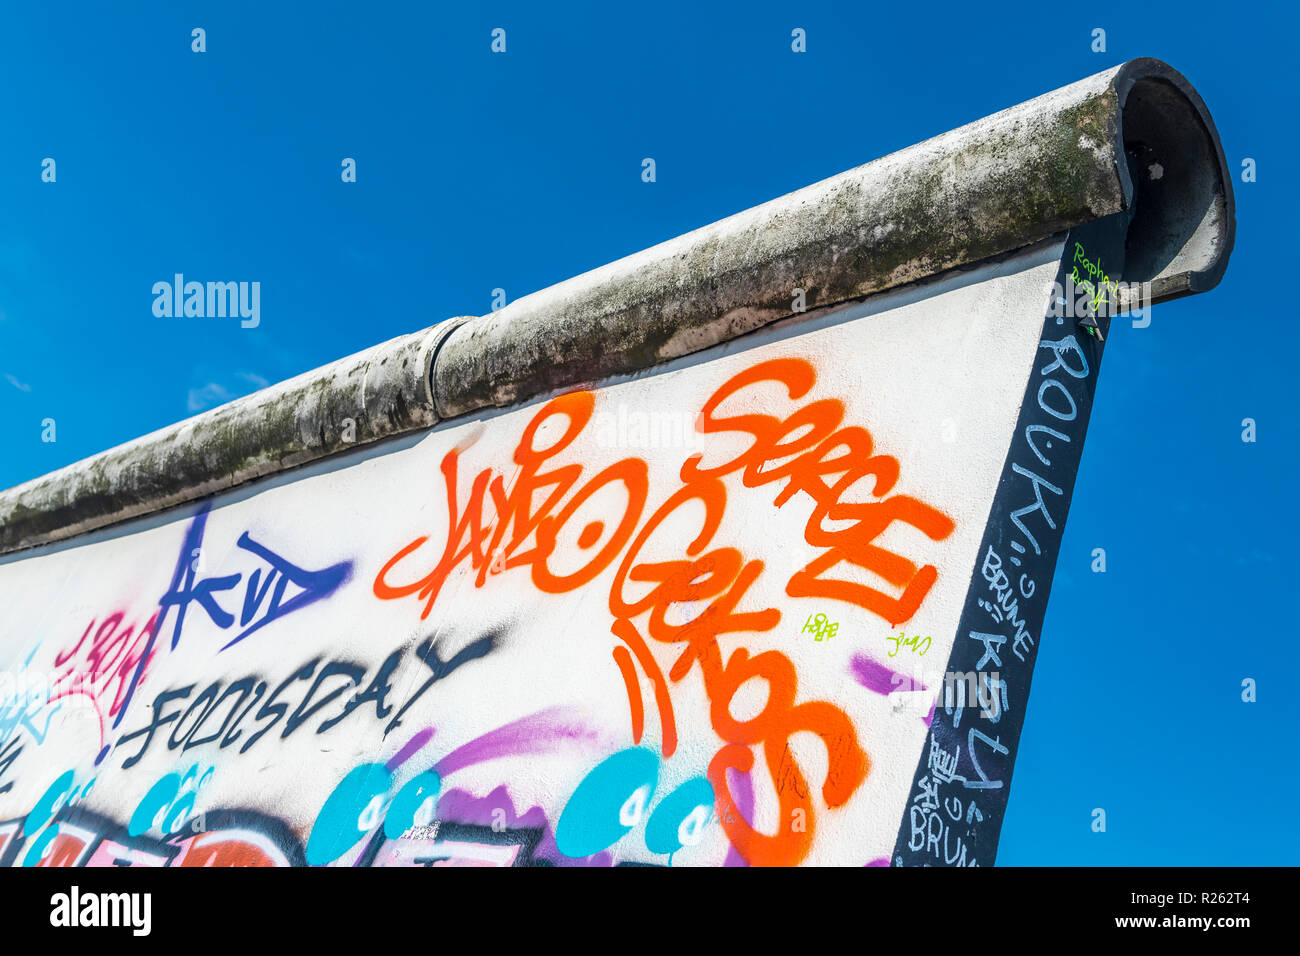 Ein Abschnitt des Graffiti auf der berühmten East Side Gallery an der Berliner Mauer, Berlin, Deutschland. Stockfoto